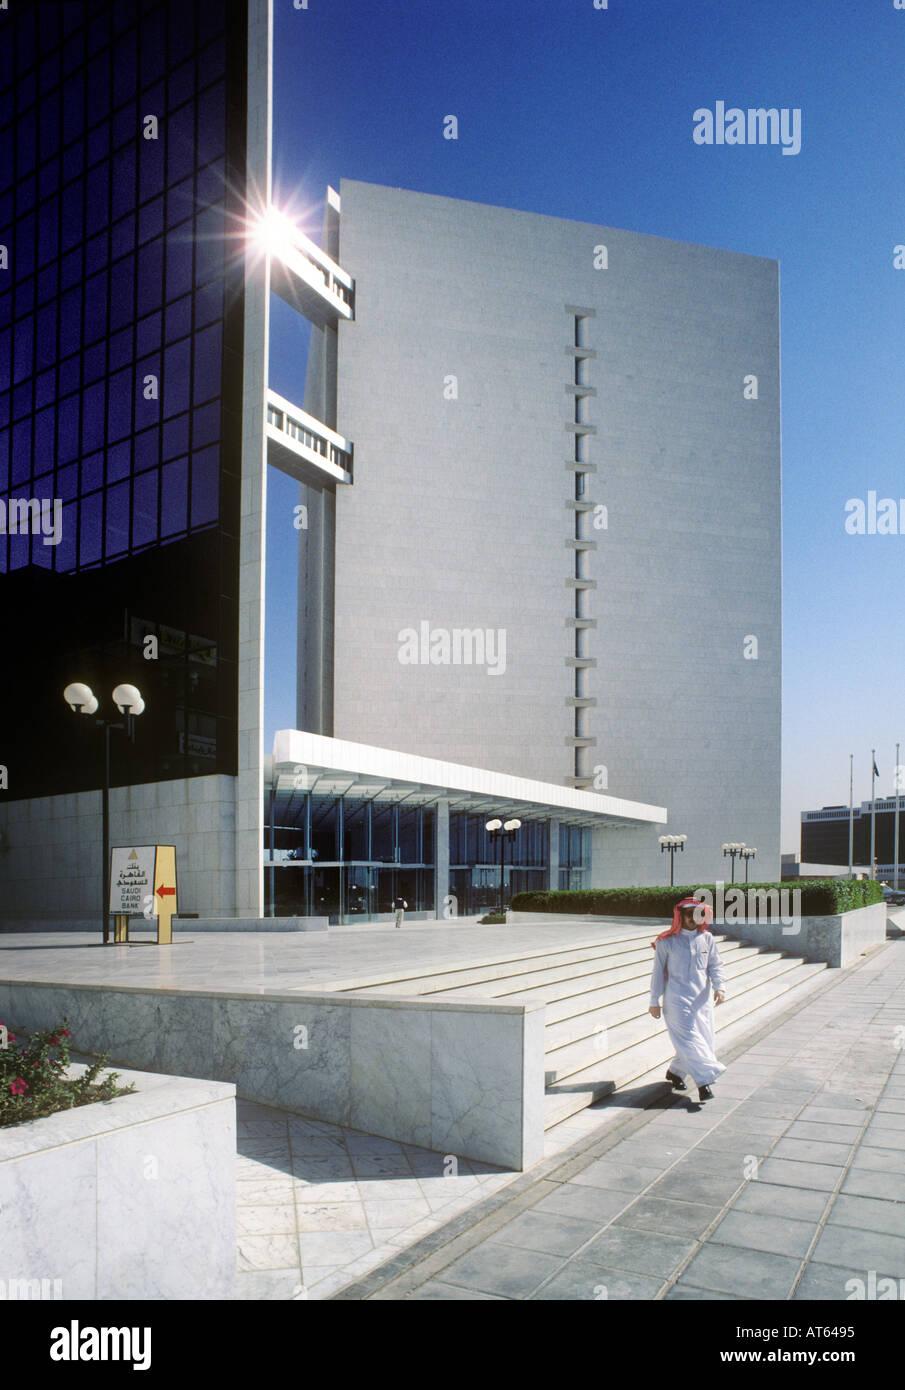 The King Faisal Development in Riyadh Saudi Arabia - Stock Image